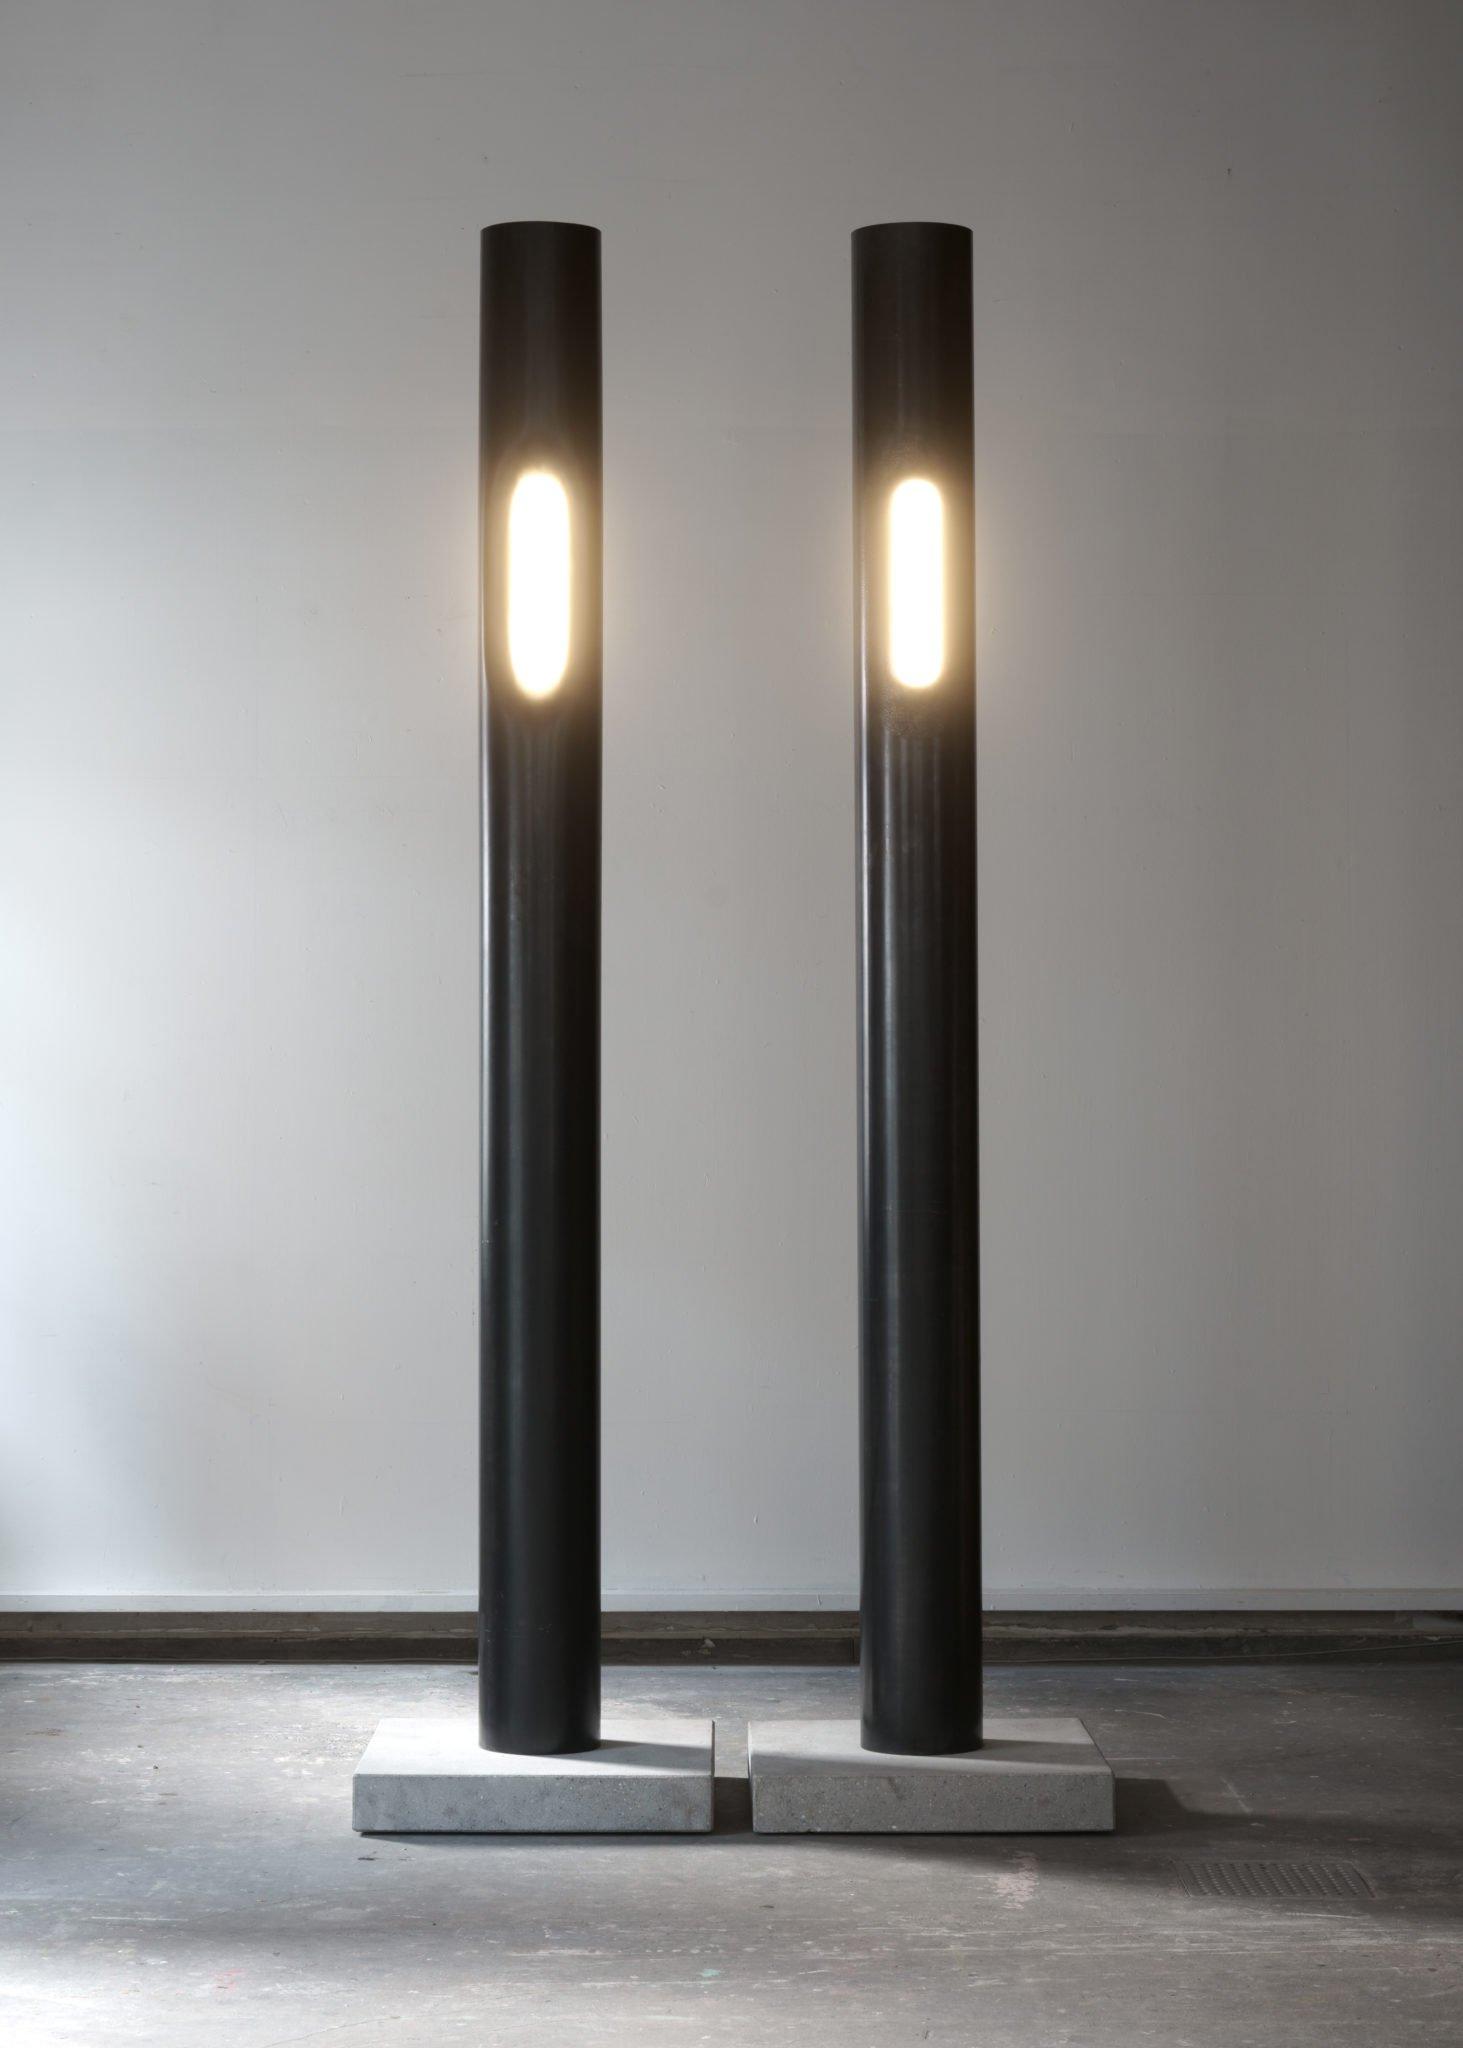 DesignMiami/ Basel 2019: Galerie Maria Wettergren présente Jakob Jorgensen.